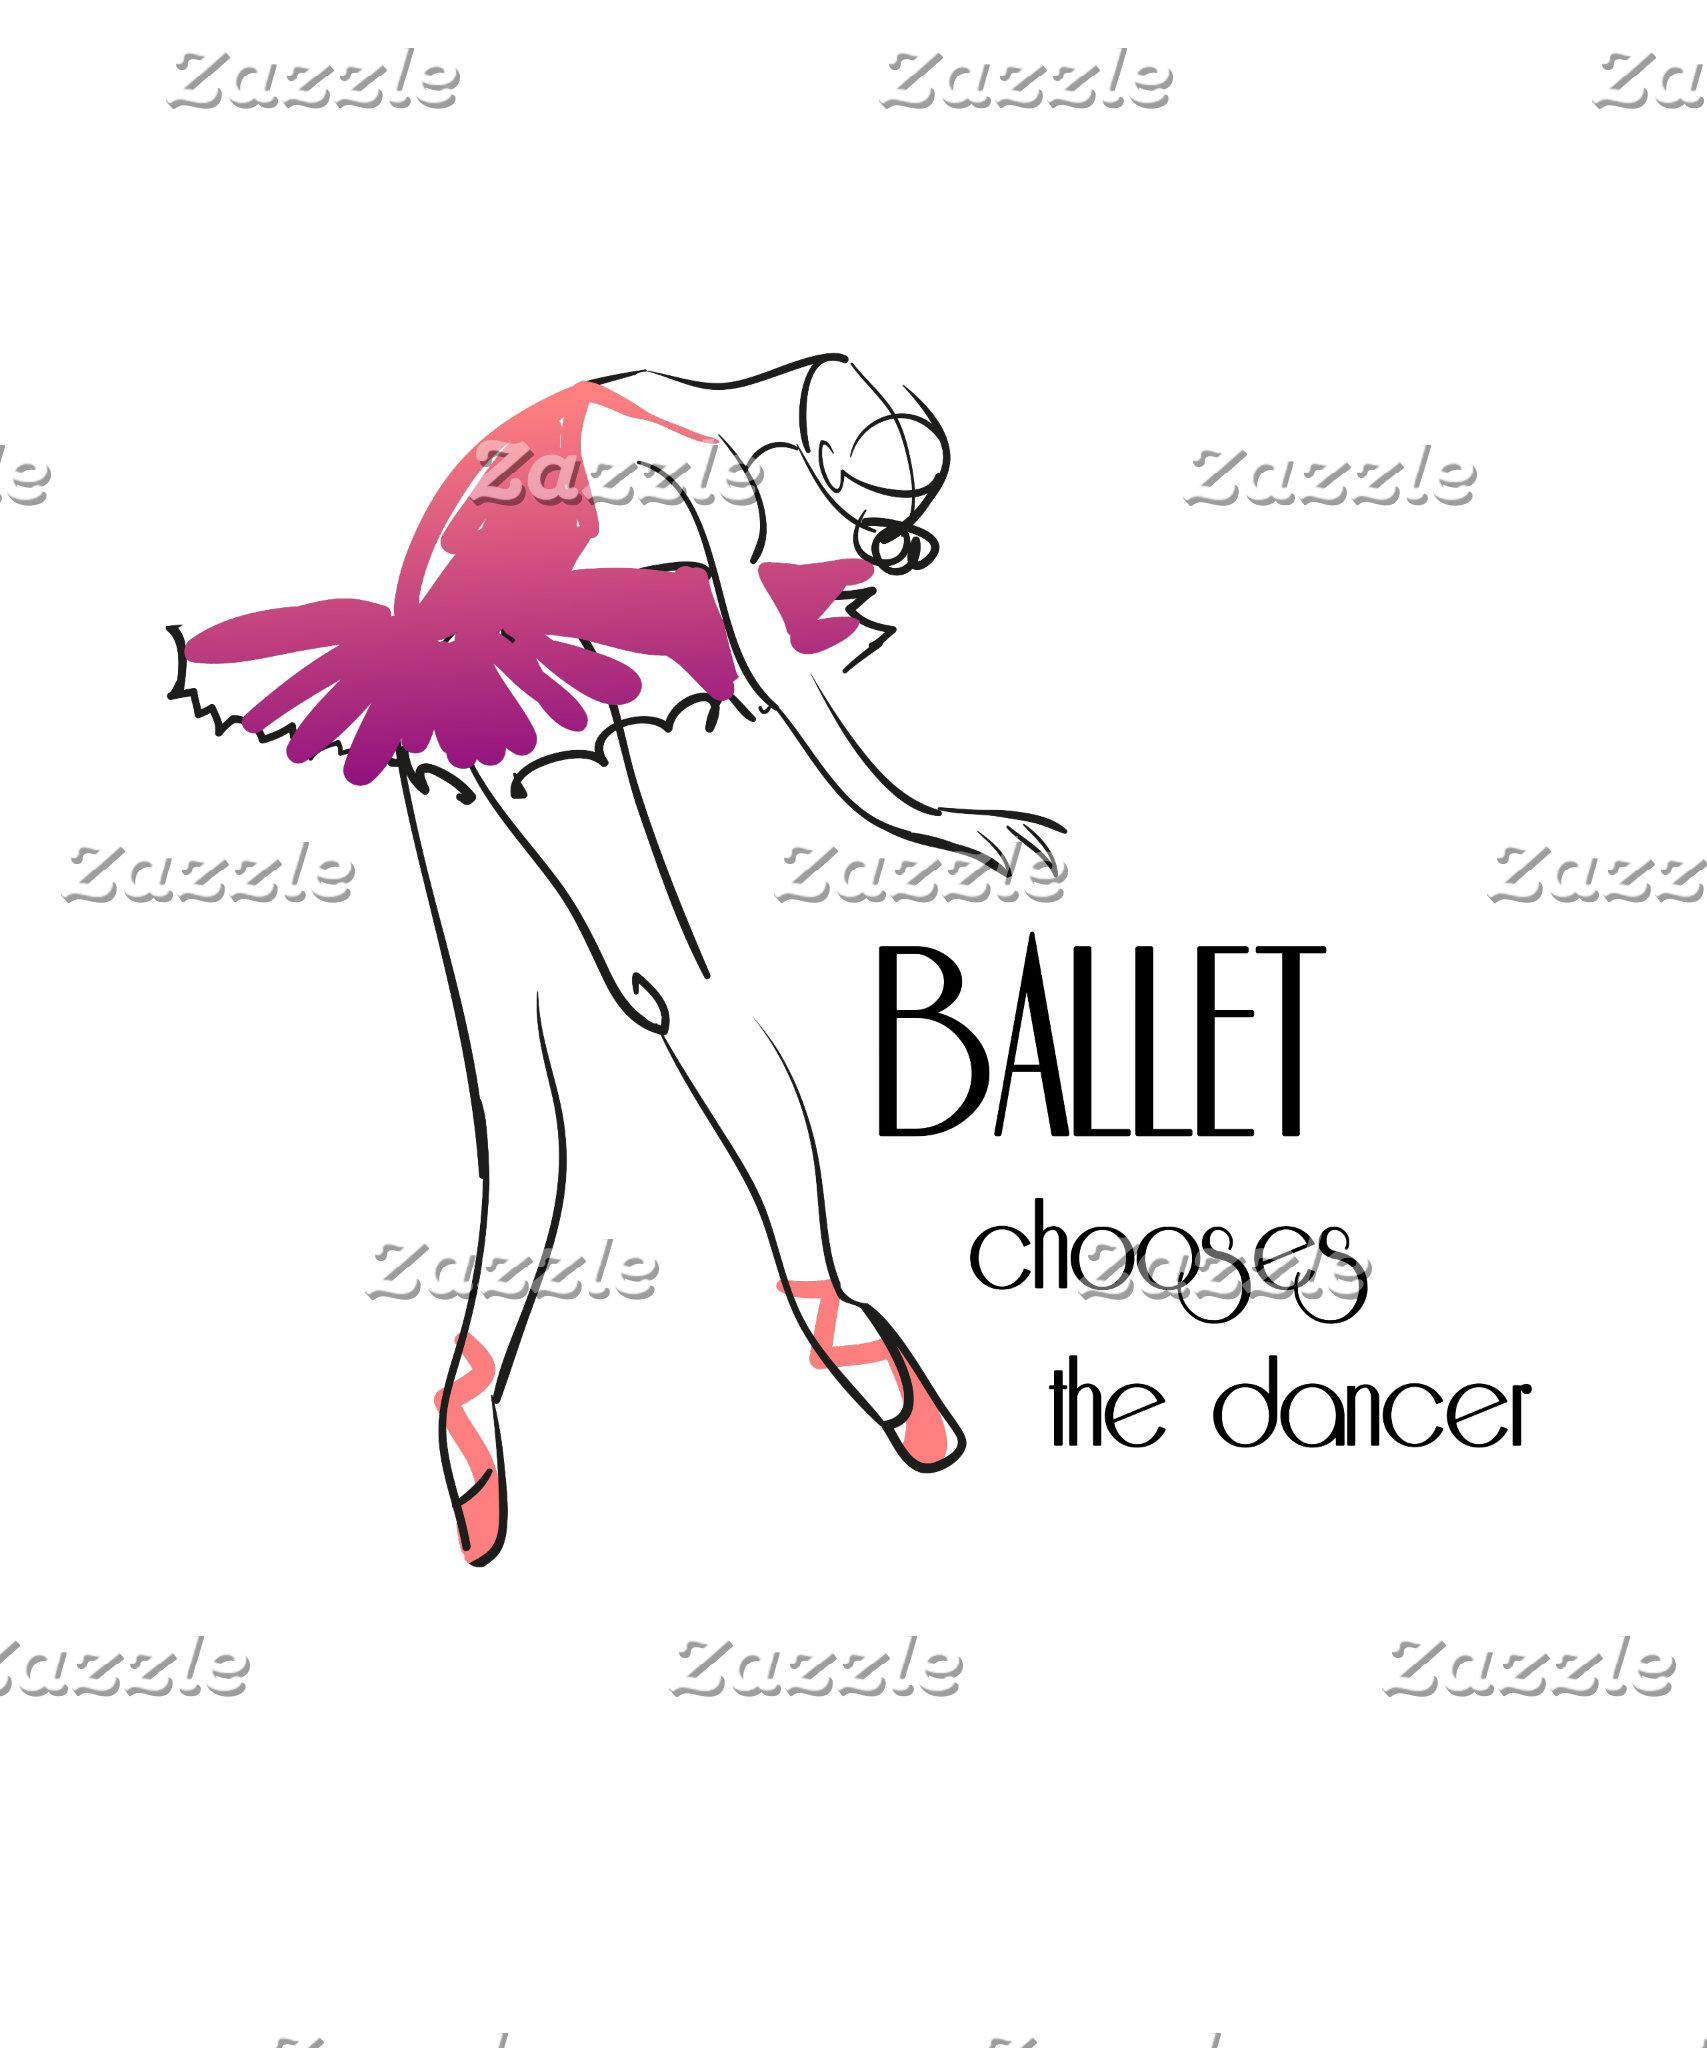 Ballet Chooses the Dancer